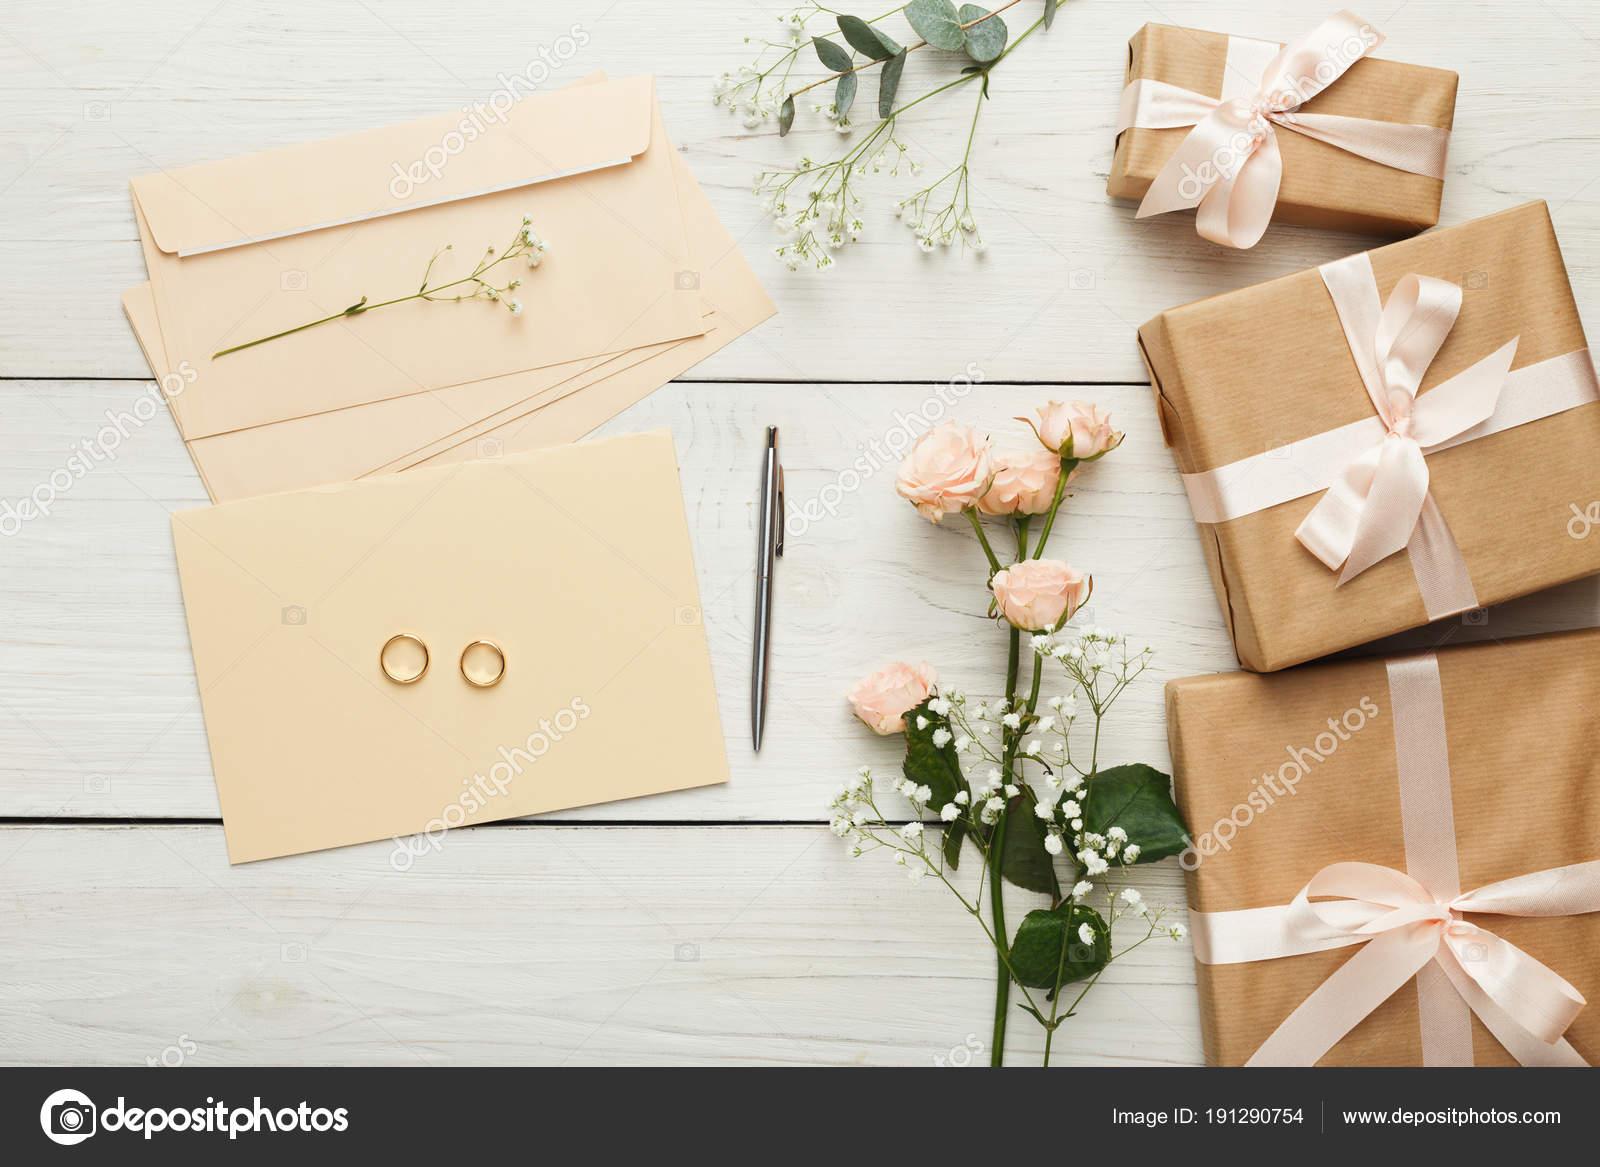 Bridal Hintergrund mit Planer Checkliste — Stockfoto © Milkos #191290754